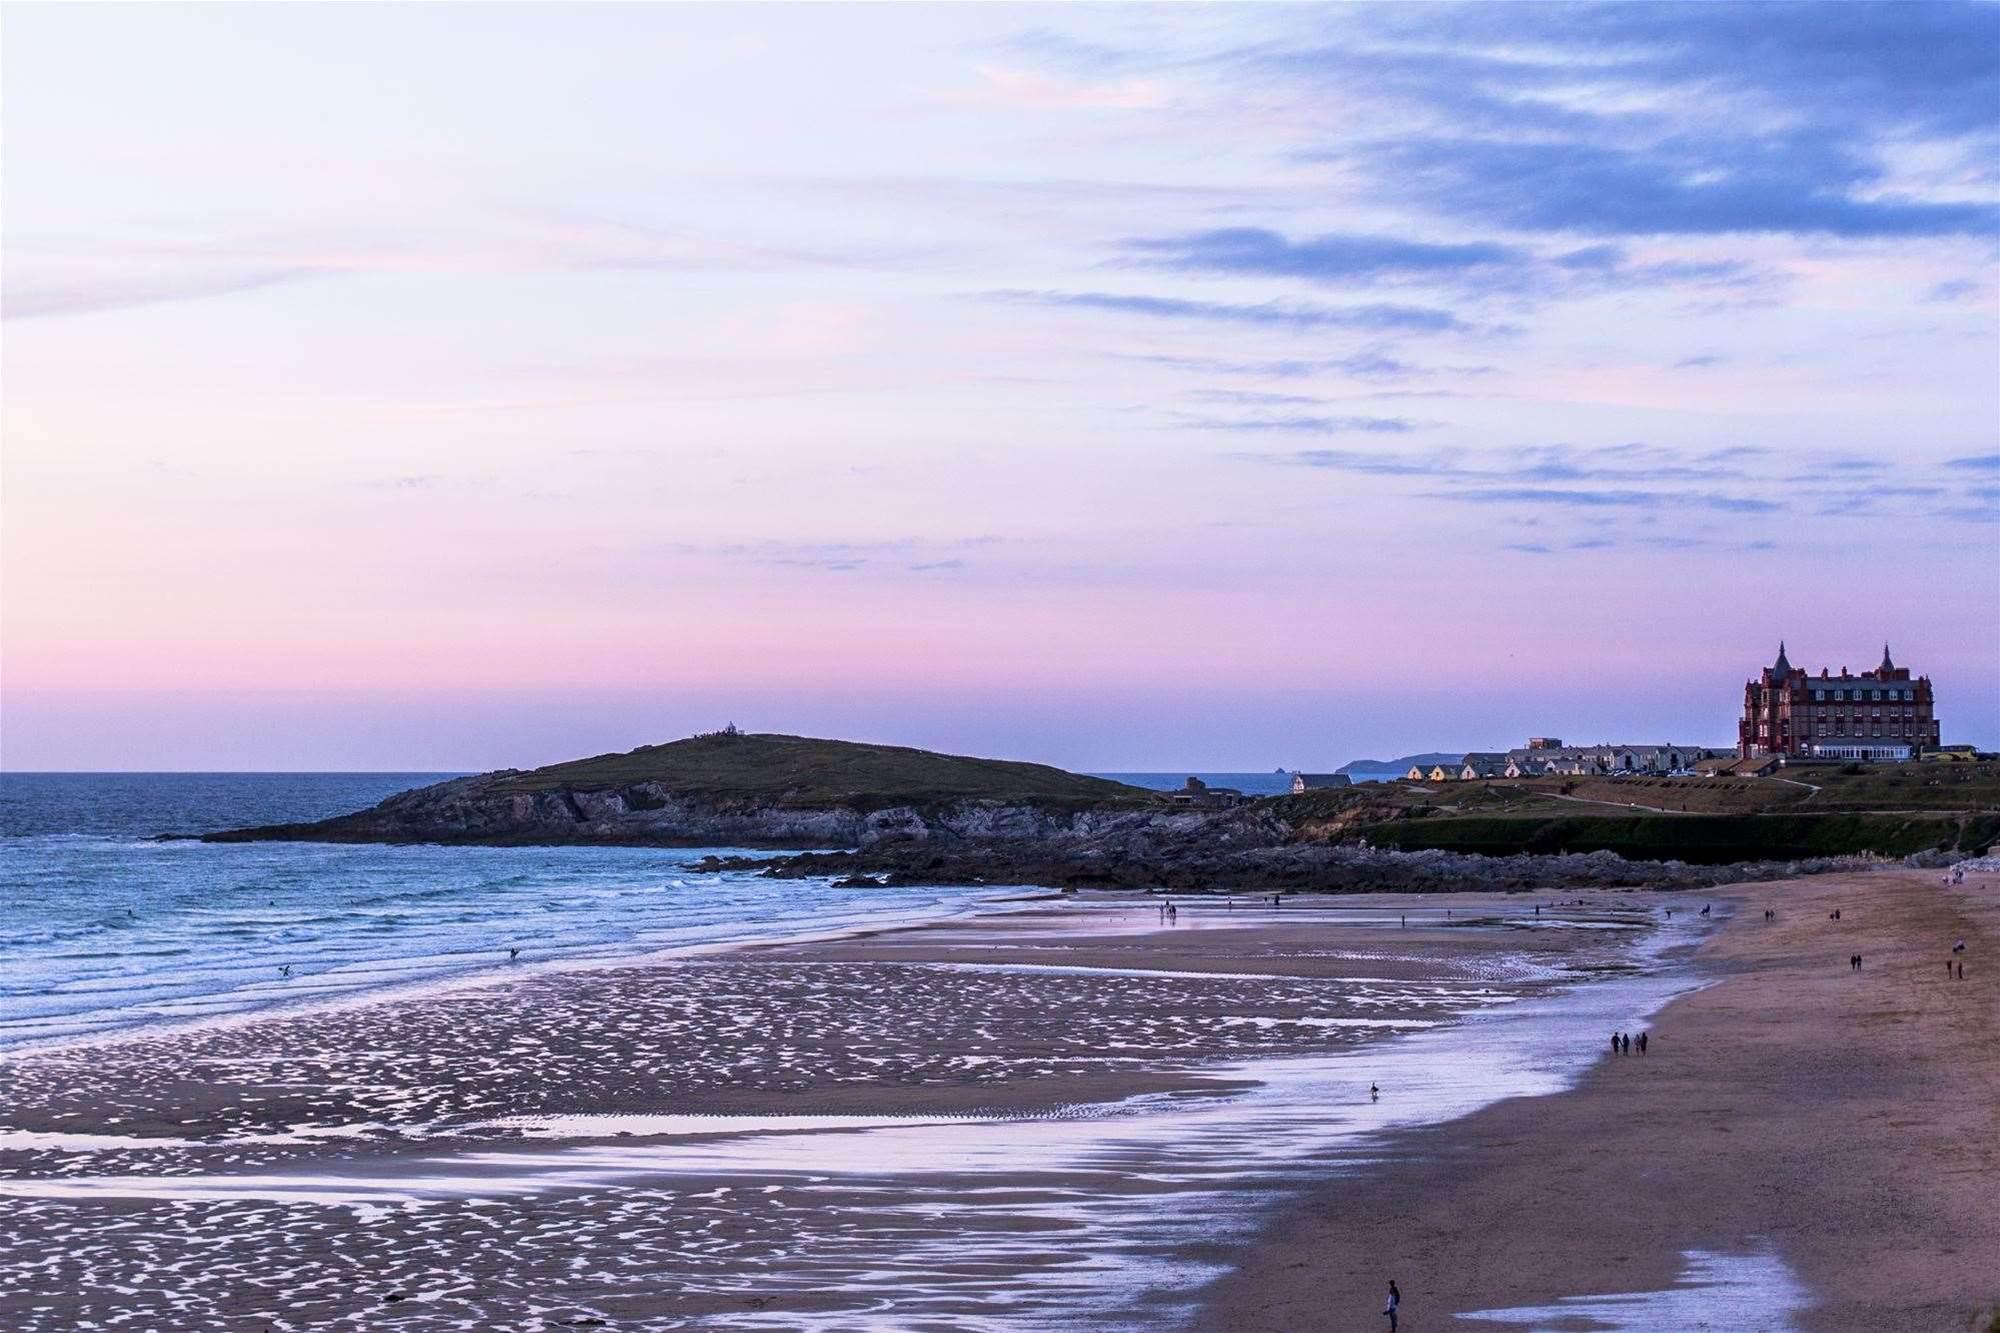 Visit The Cornwall Boardmasters